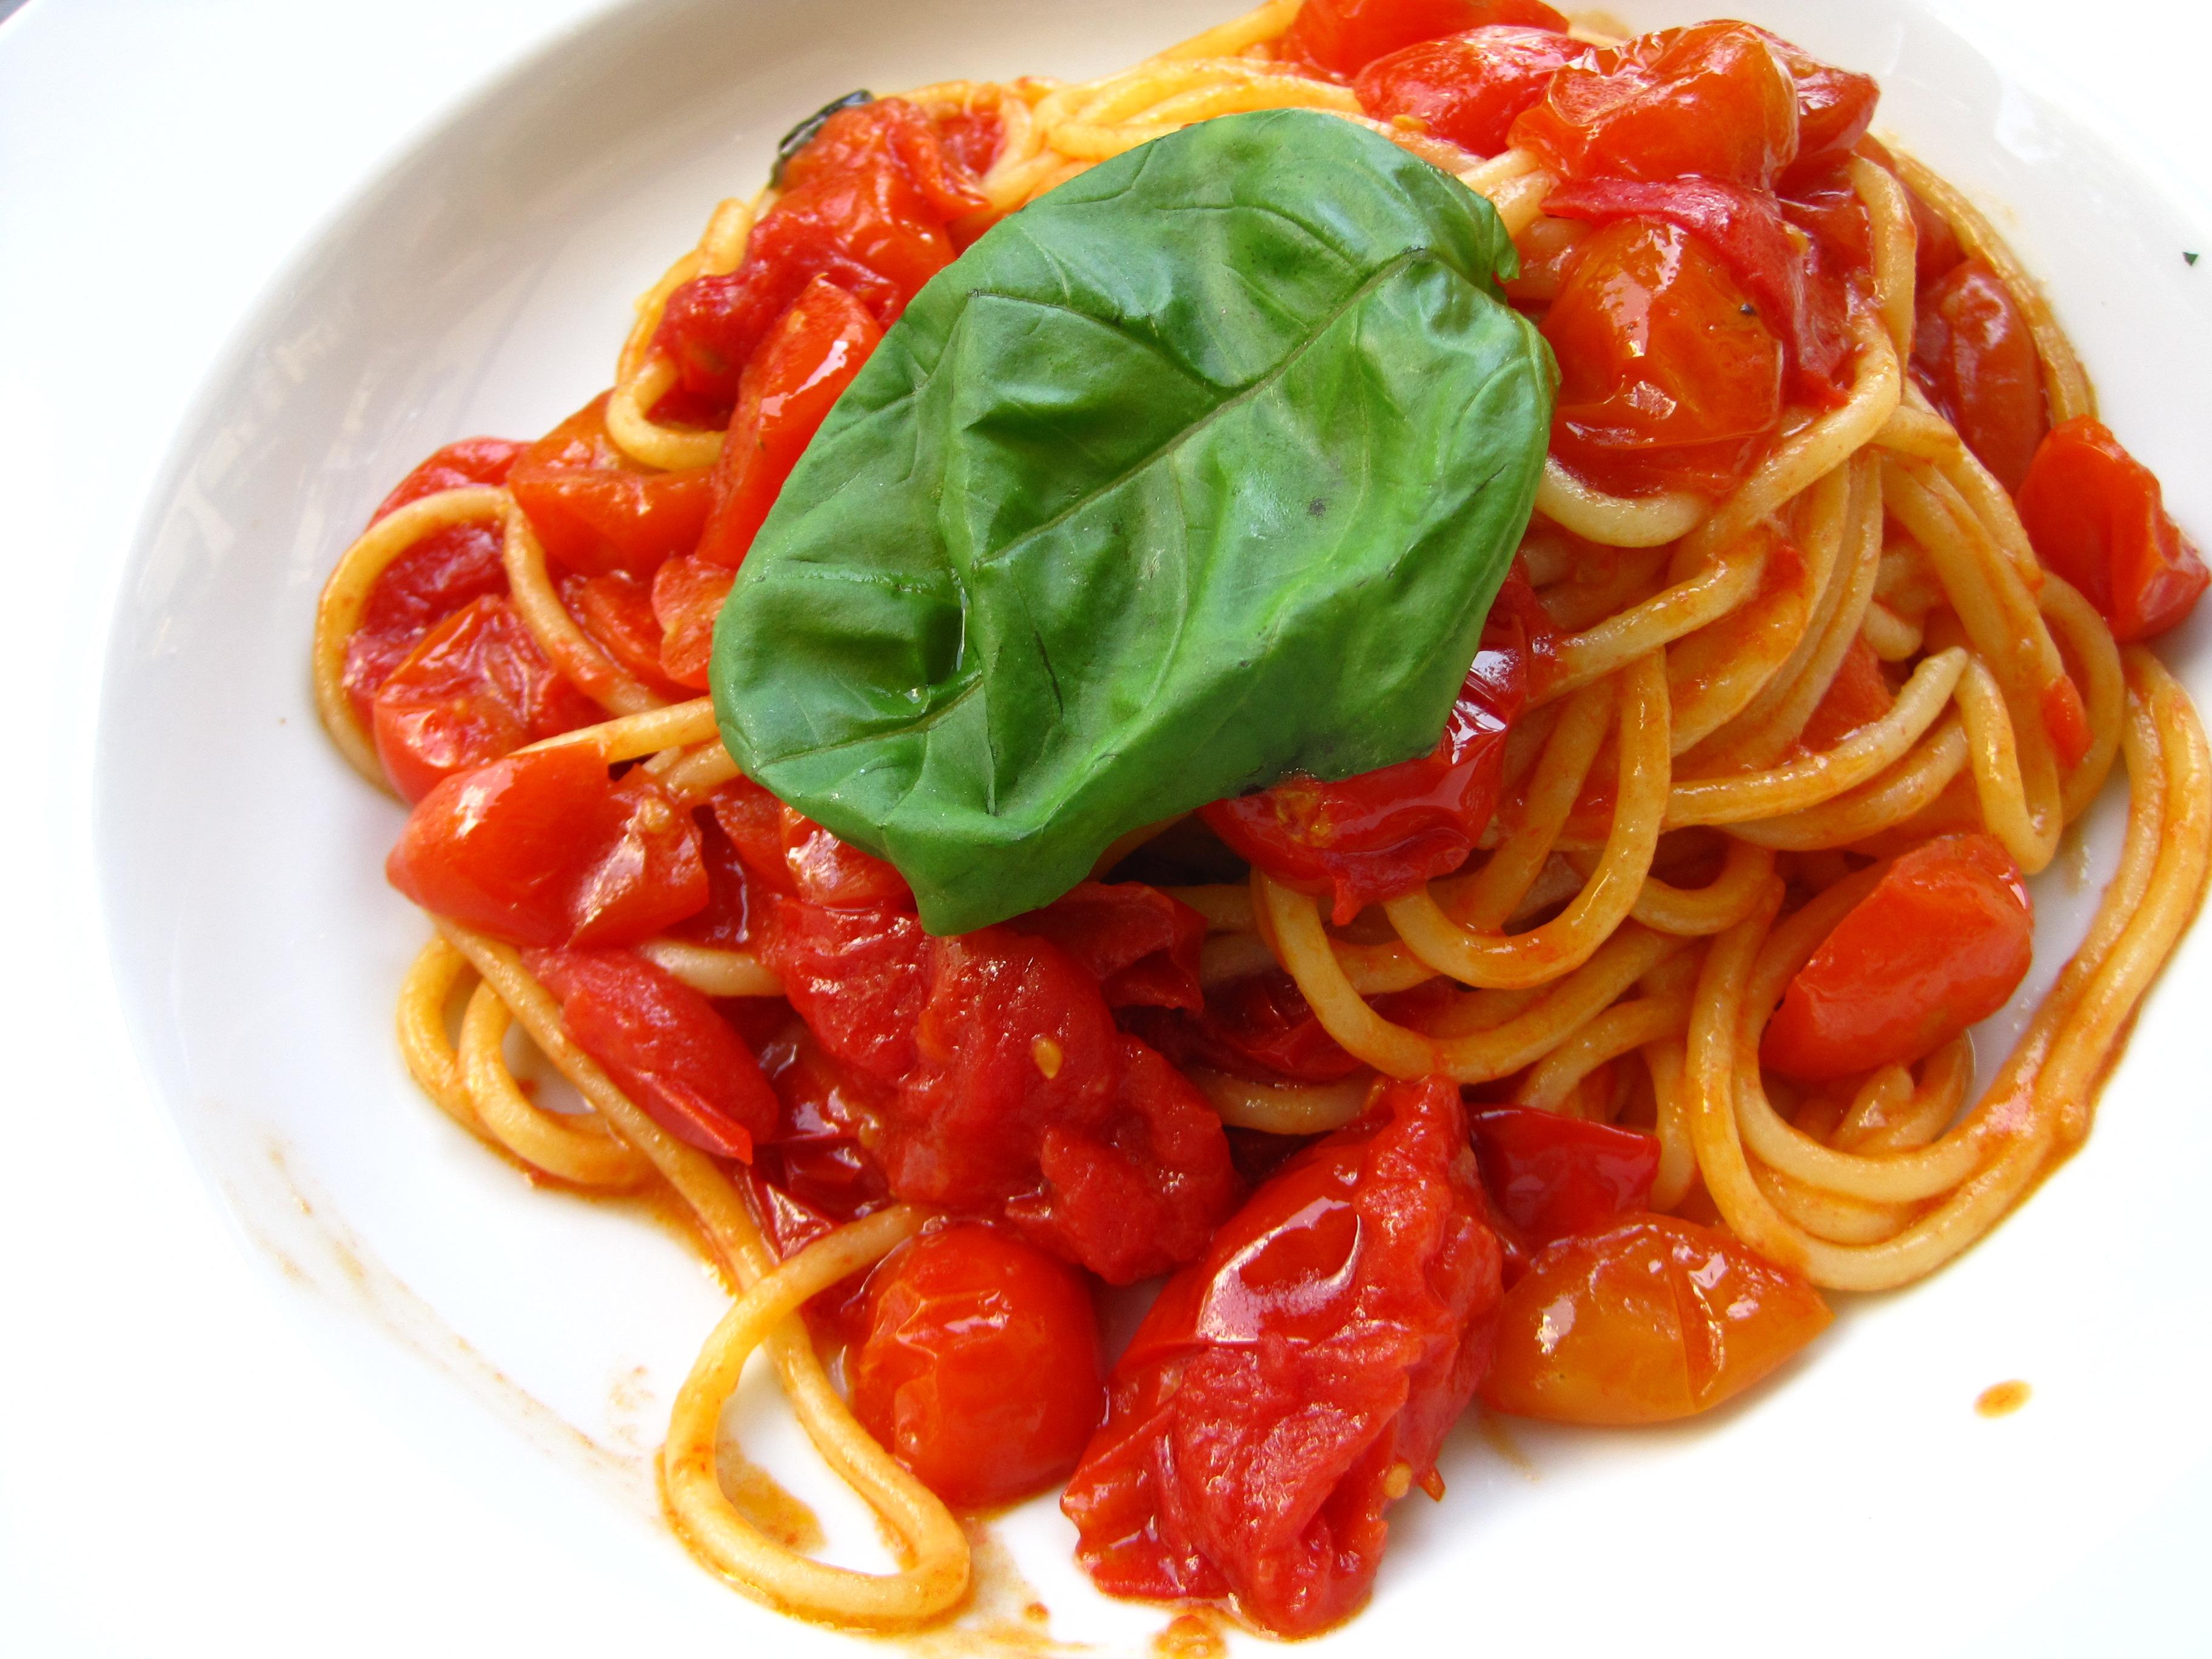 italian spaghetti al pomodoro via Curious Appetite food blog in Florence